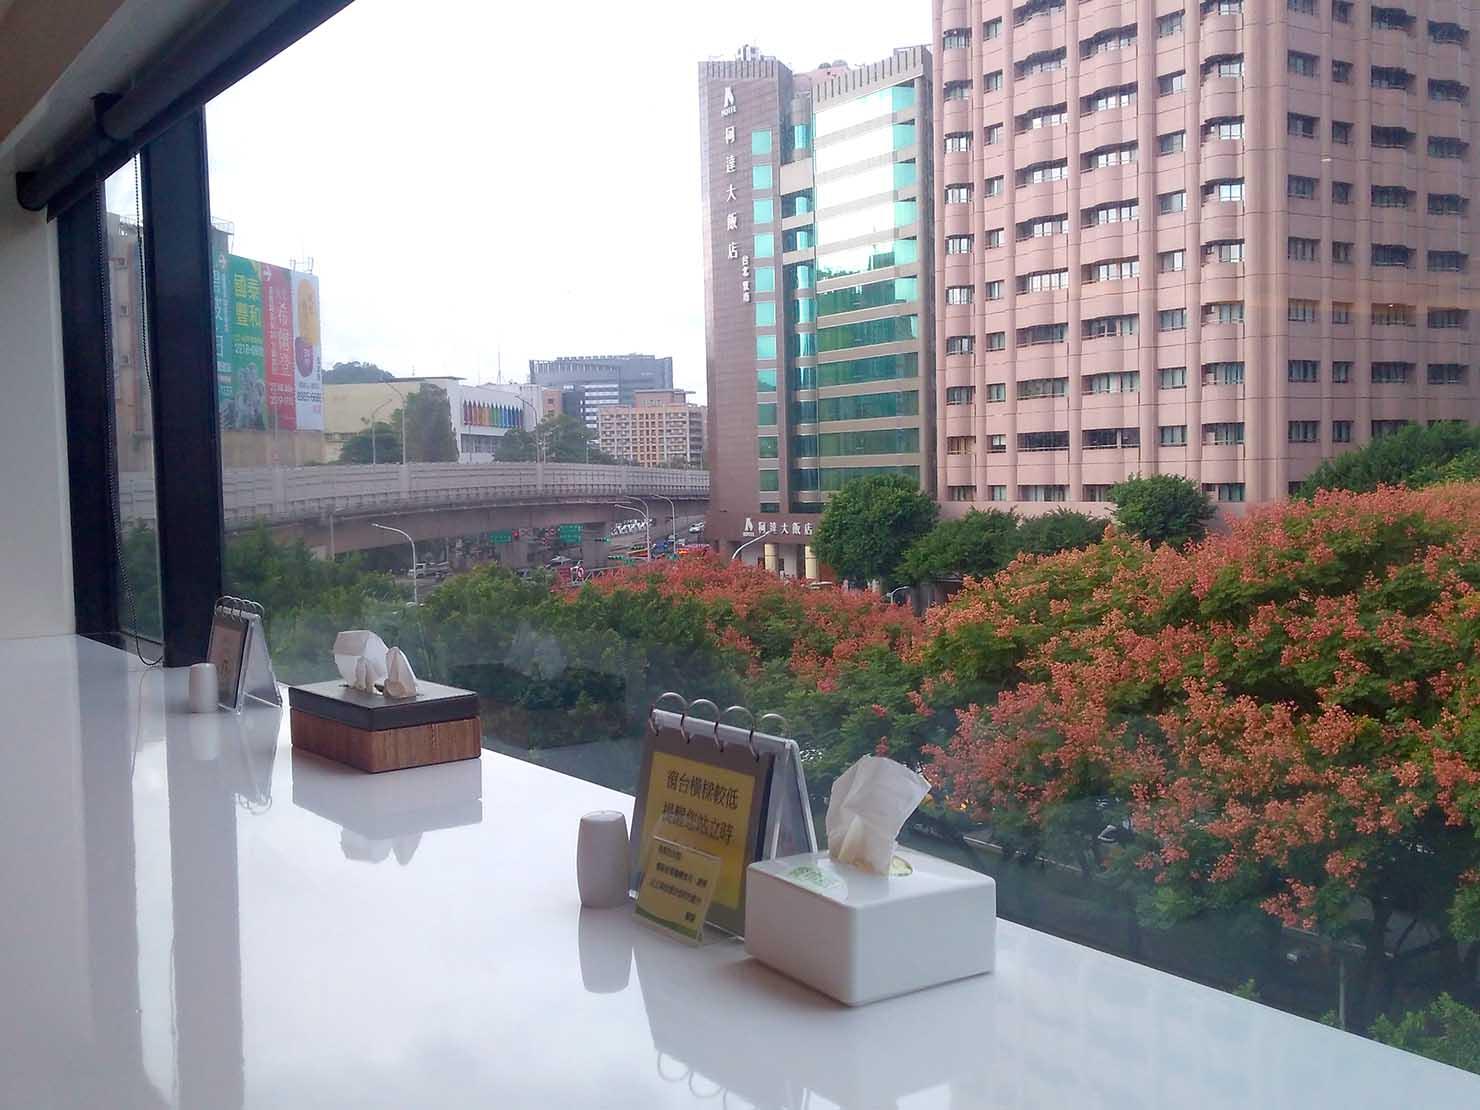 台湾の健康診断センター「國泰健康管理」のカフェテリアから眺める敦化南路